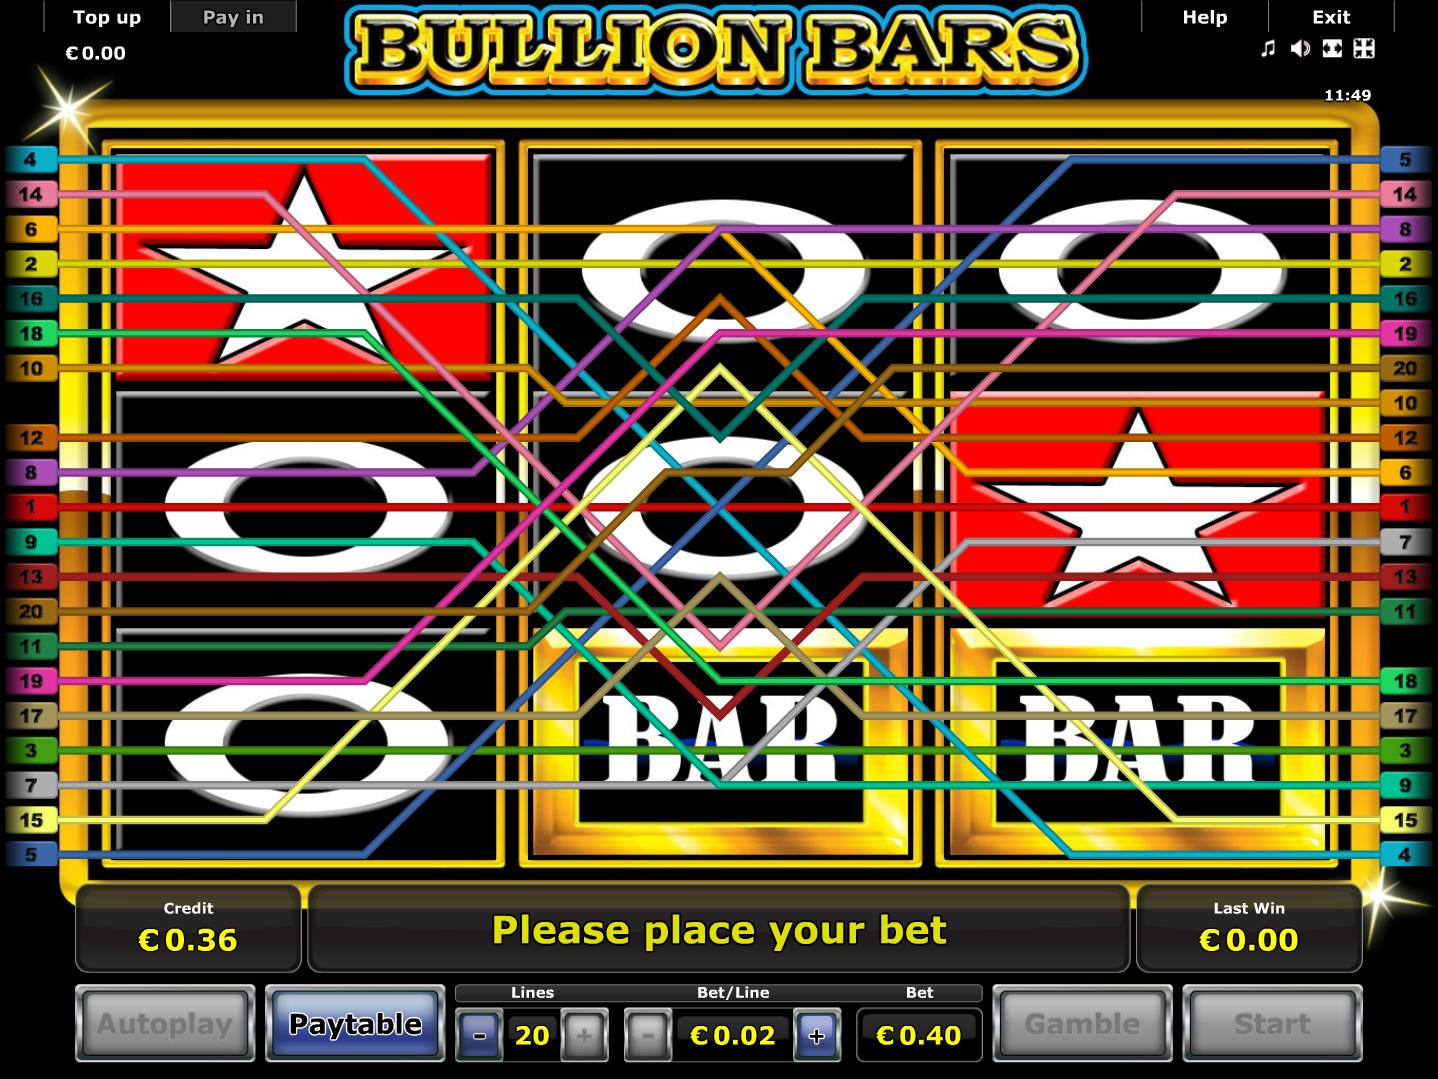 Jetzt Bullion Bars online spielen